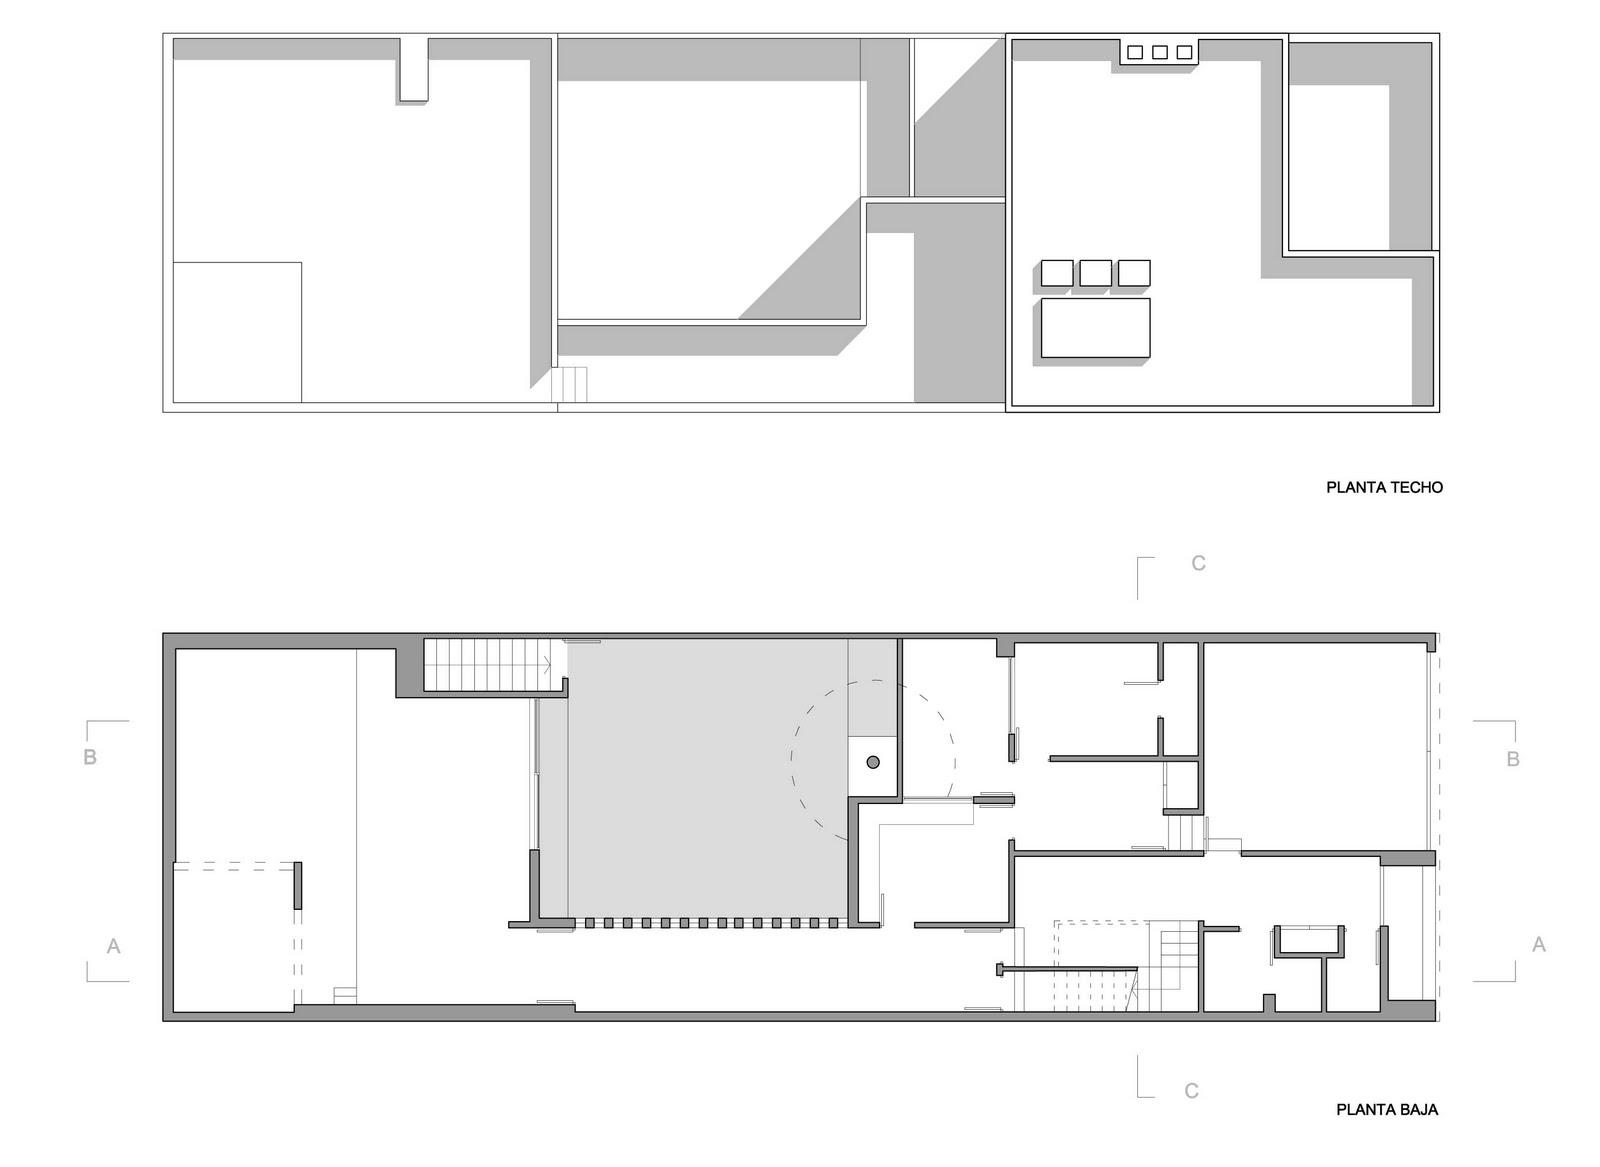 historia de la arquitectura moderna luis barragan casa of